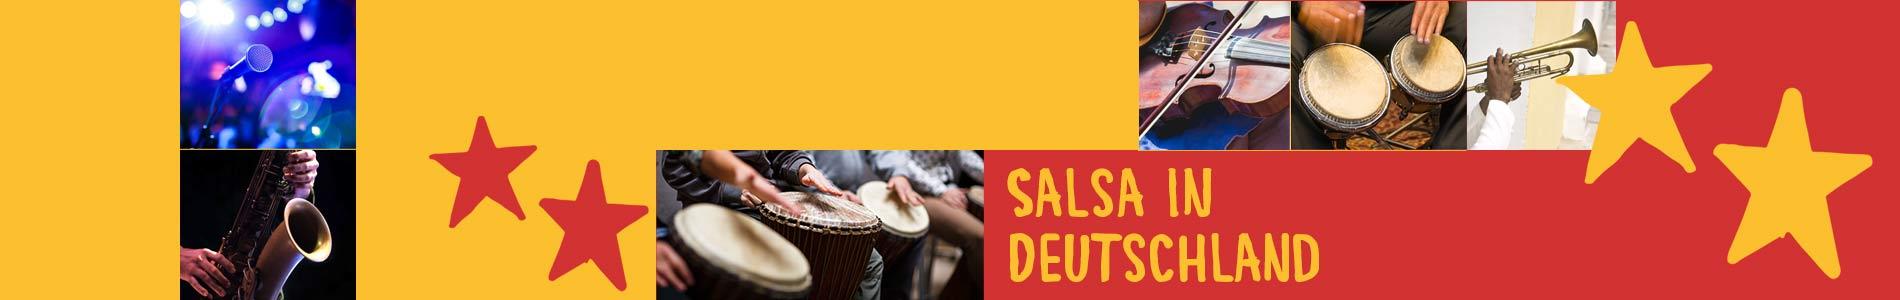 Salsa in Dermbach – Salsa lernen und tanzen, Tanzkurse, Partys, Veranstaltungen